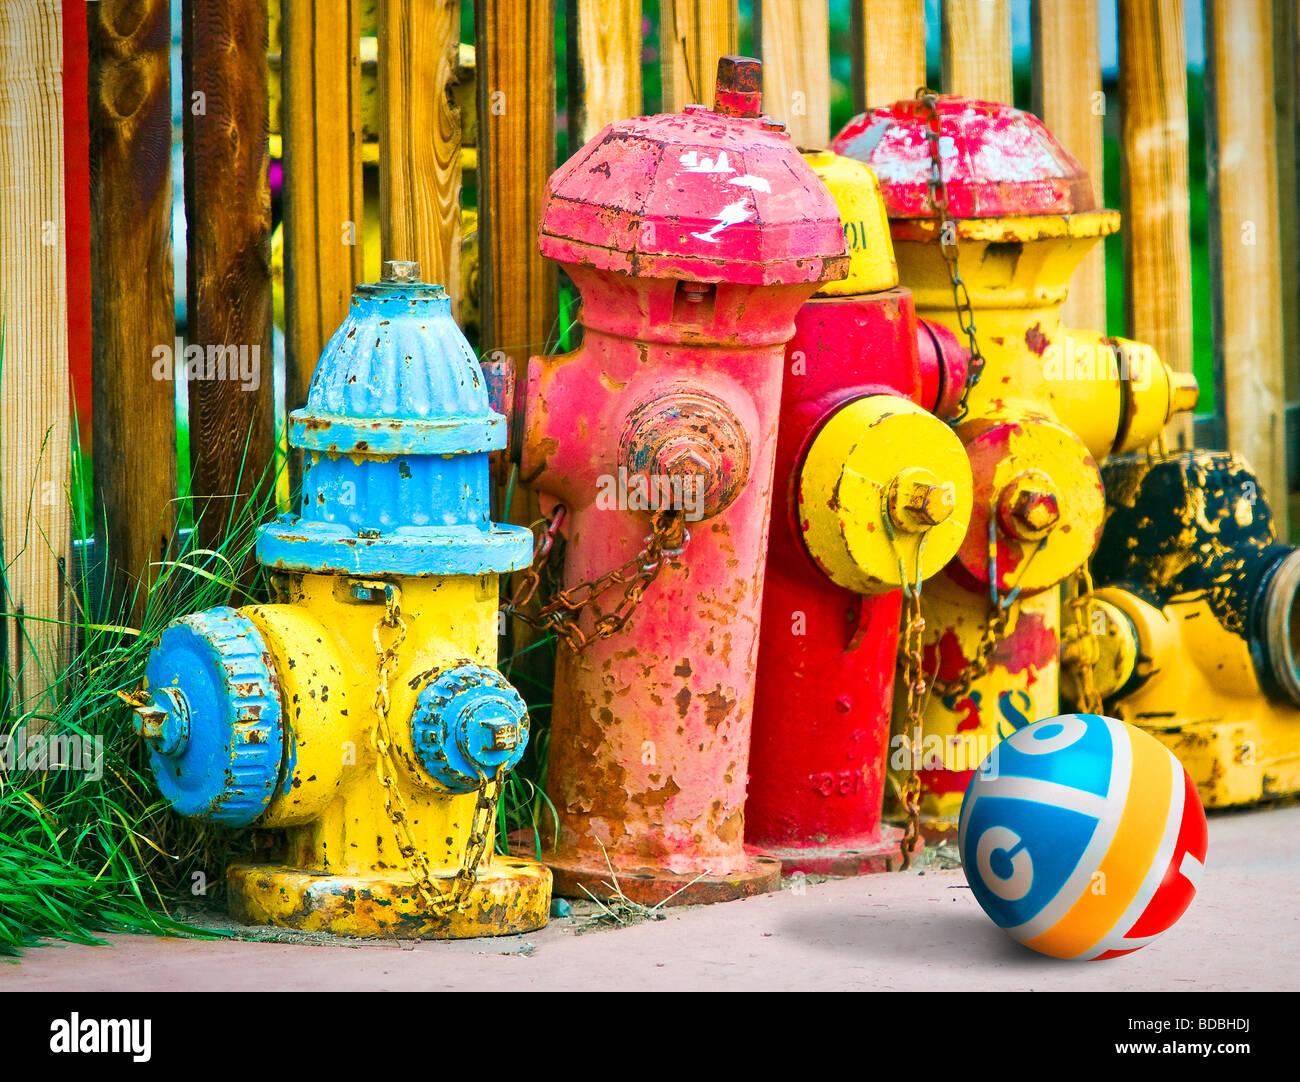 La colorata Vecchia idranti dipinte in colori luminosi, seduto sul marciapiede contro la recinzione di legno e del Immagini Stock